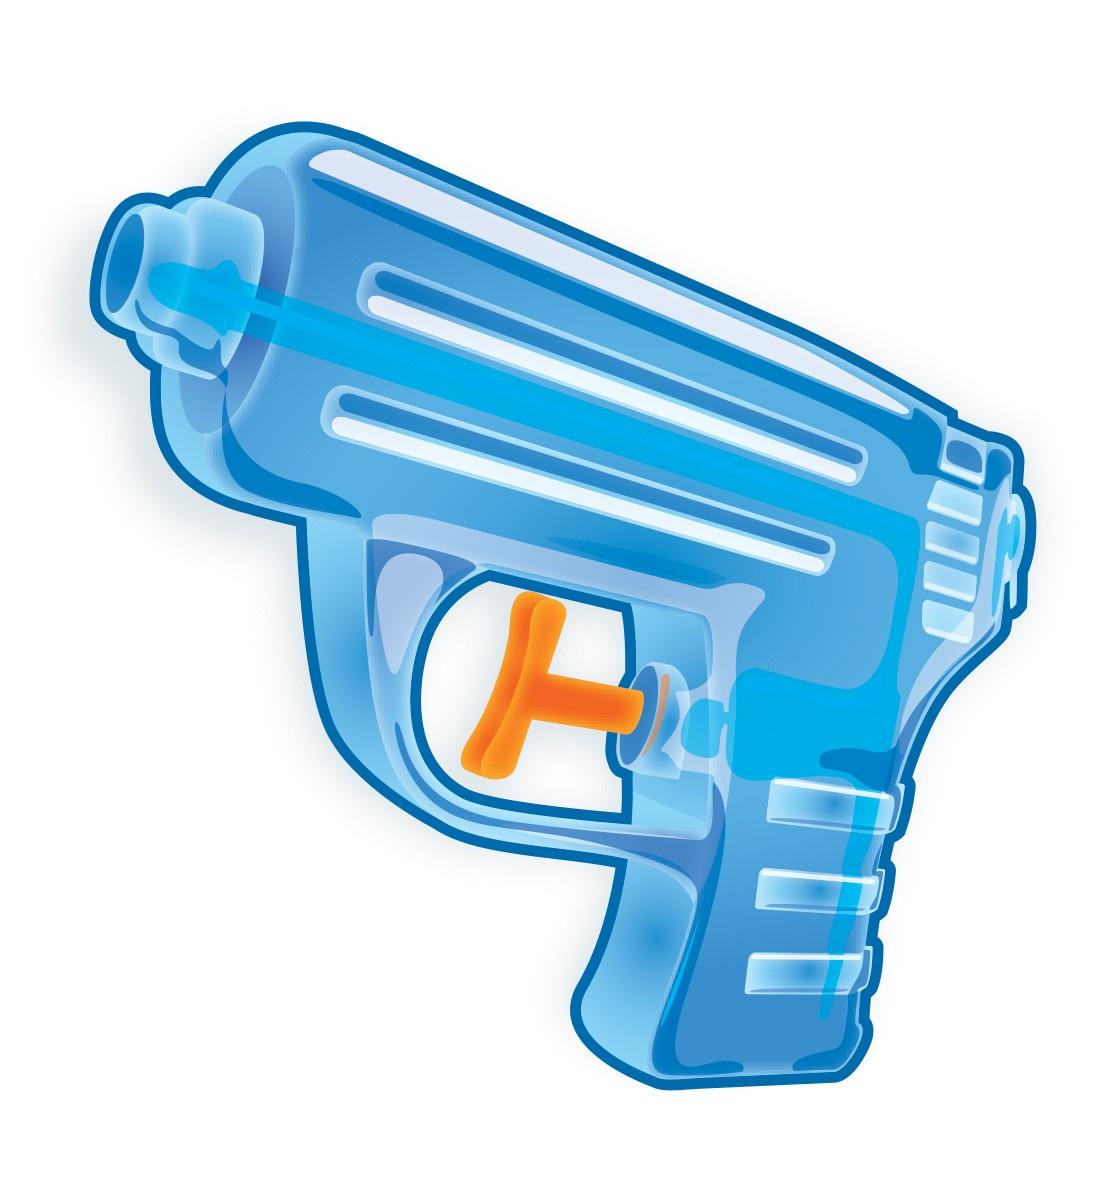 СЗН ЛЕТО Драже Игруша в полимерной упаковке с пластиковой игрушкой для пускания мыльных пузырей: Водный пистолет 8/12, 5г. конфитрейд лето водный пистолет драже с игрушкой 5 г